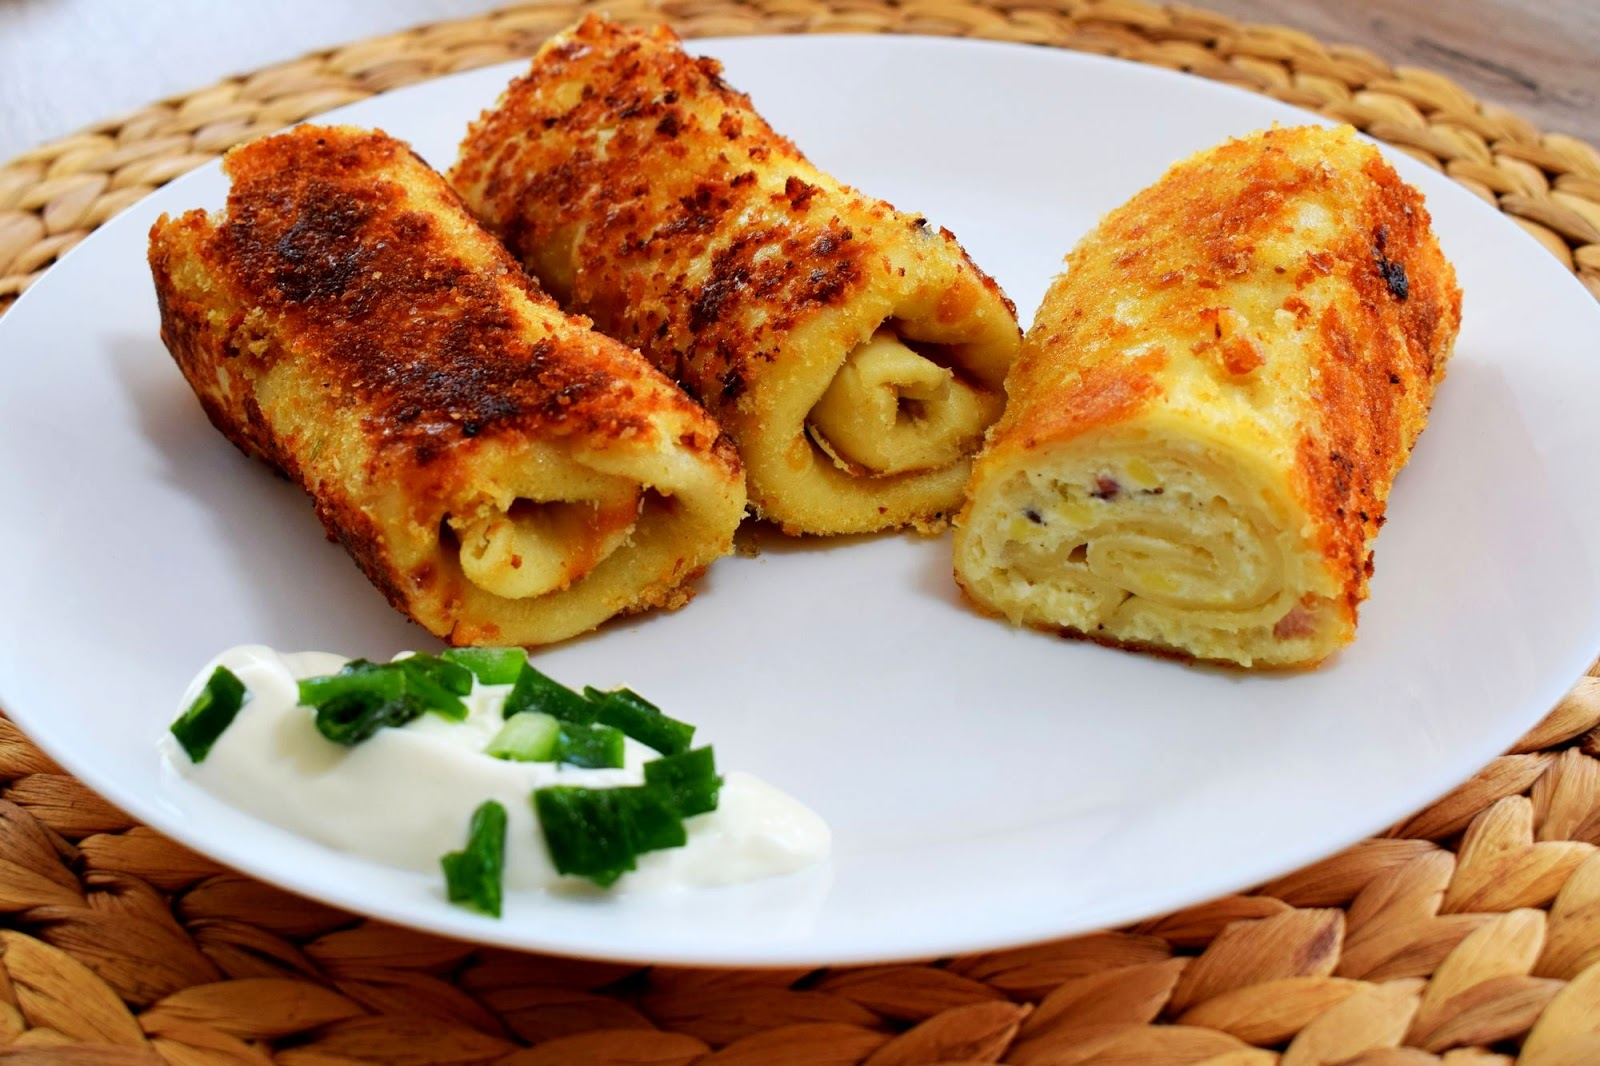 Krokiety z serem na słono - Związek na patelni